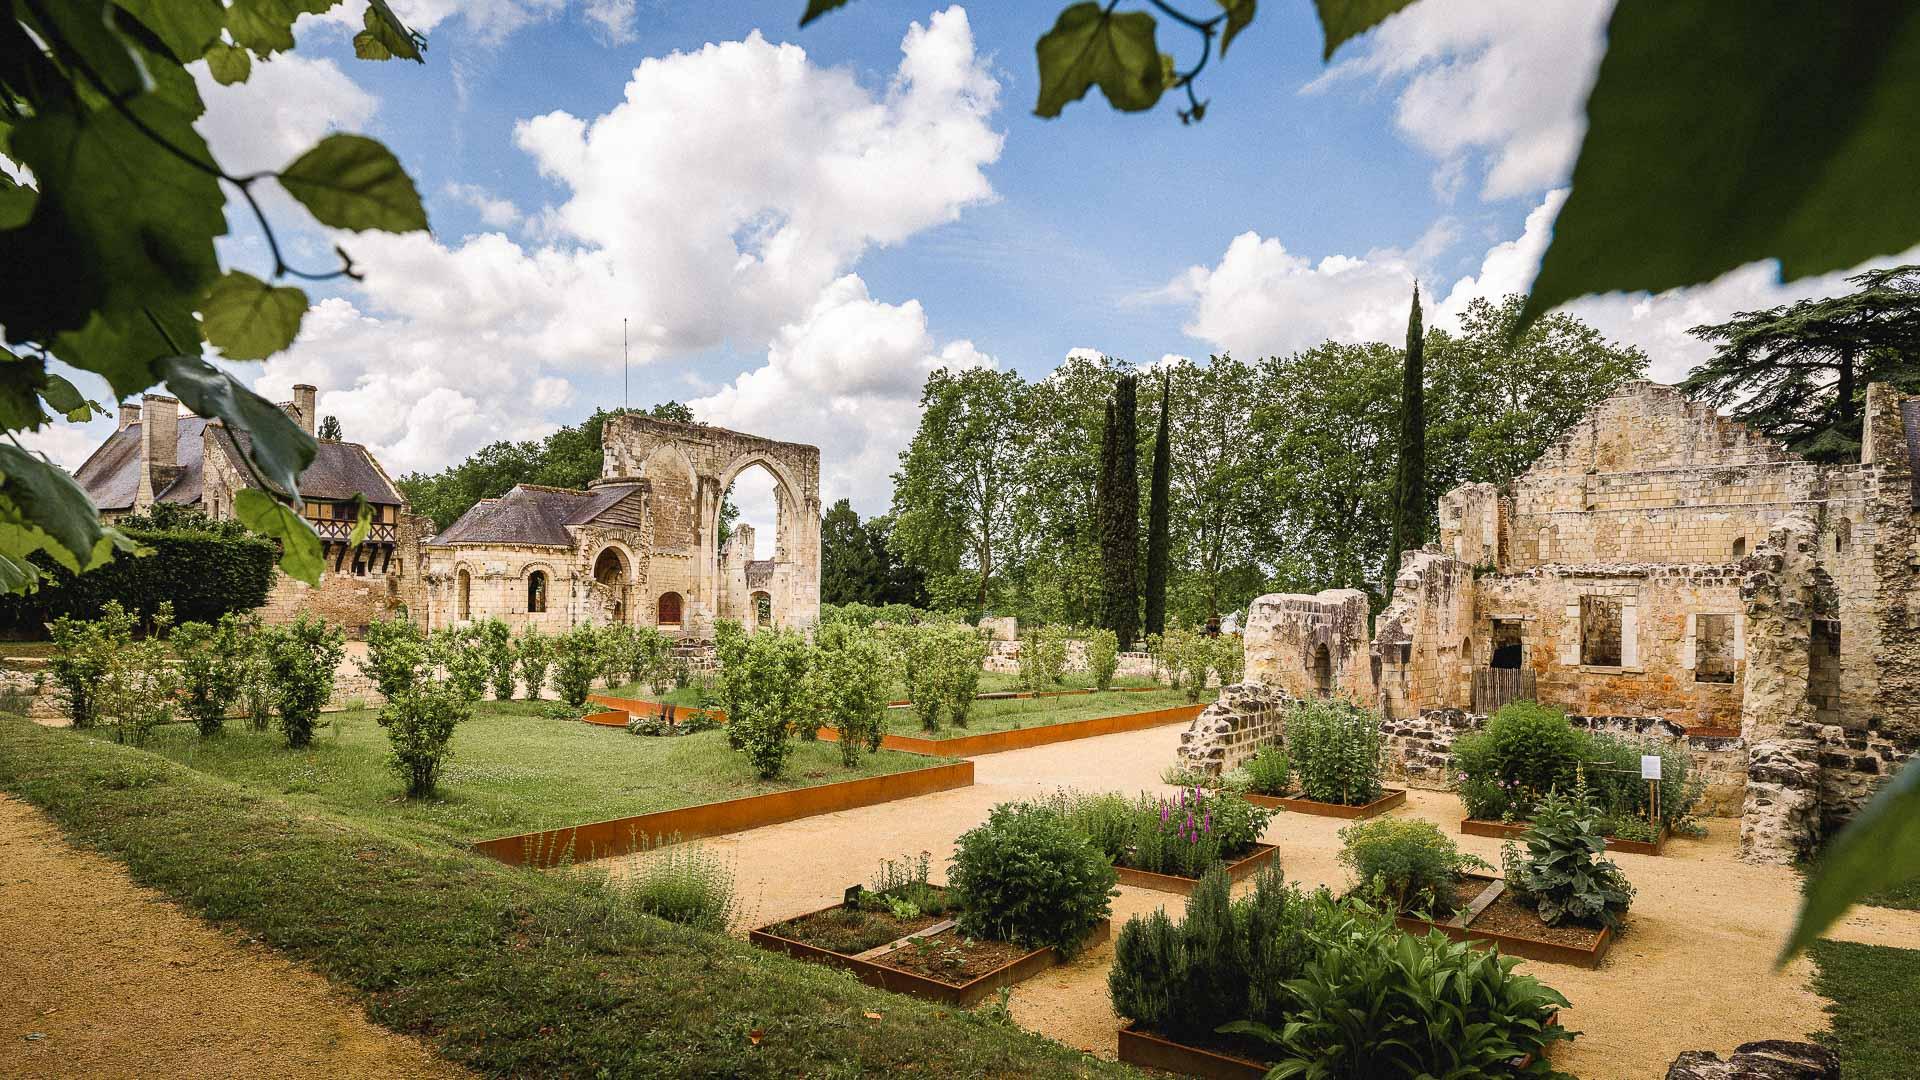 Gardens of Prieure Saint Cosme - La Riche